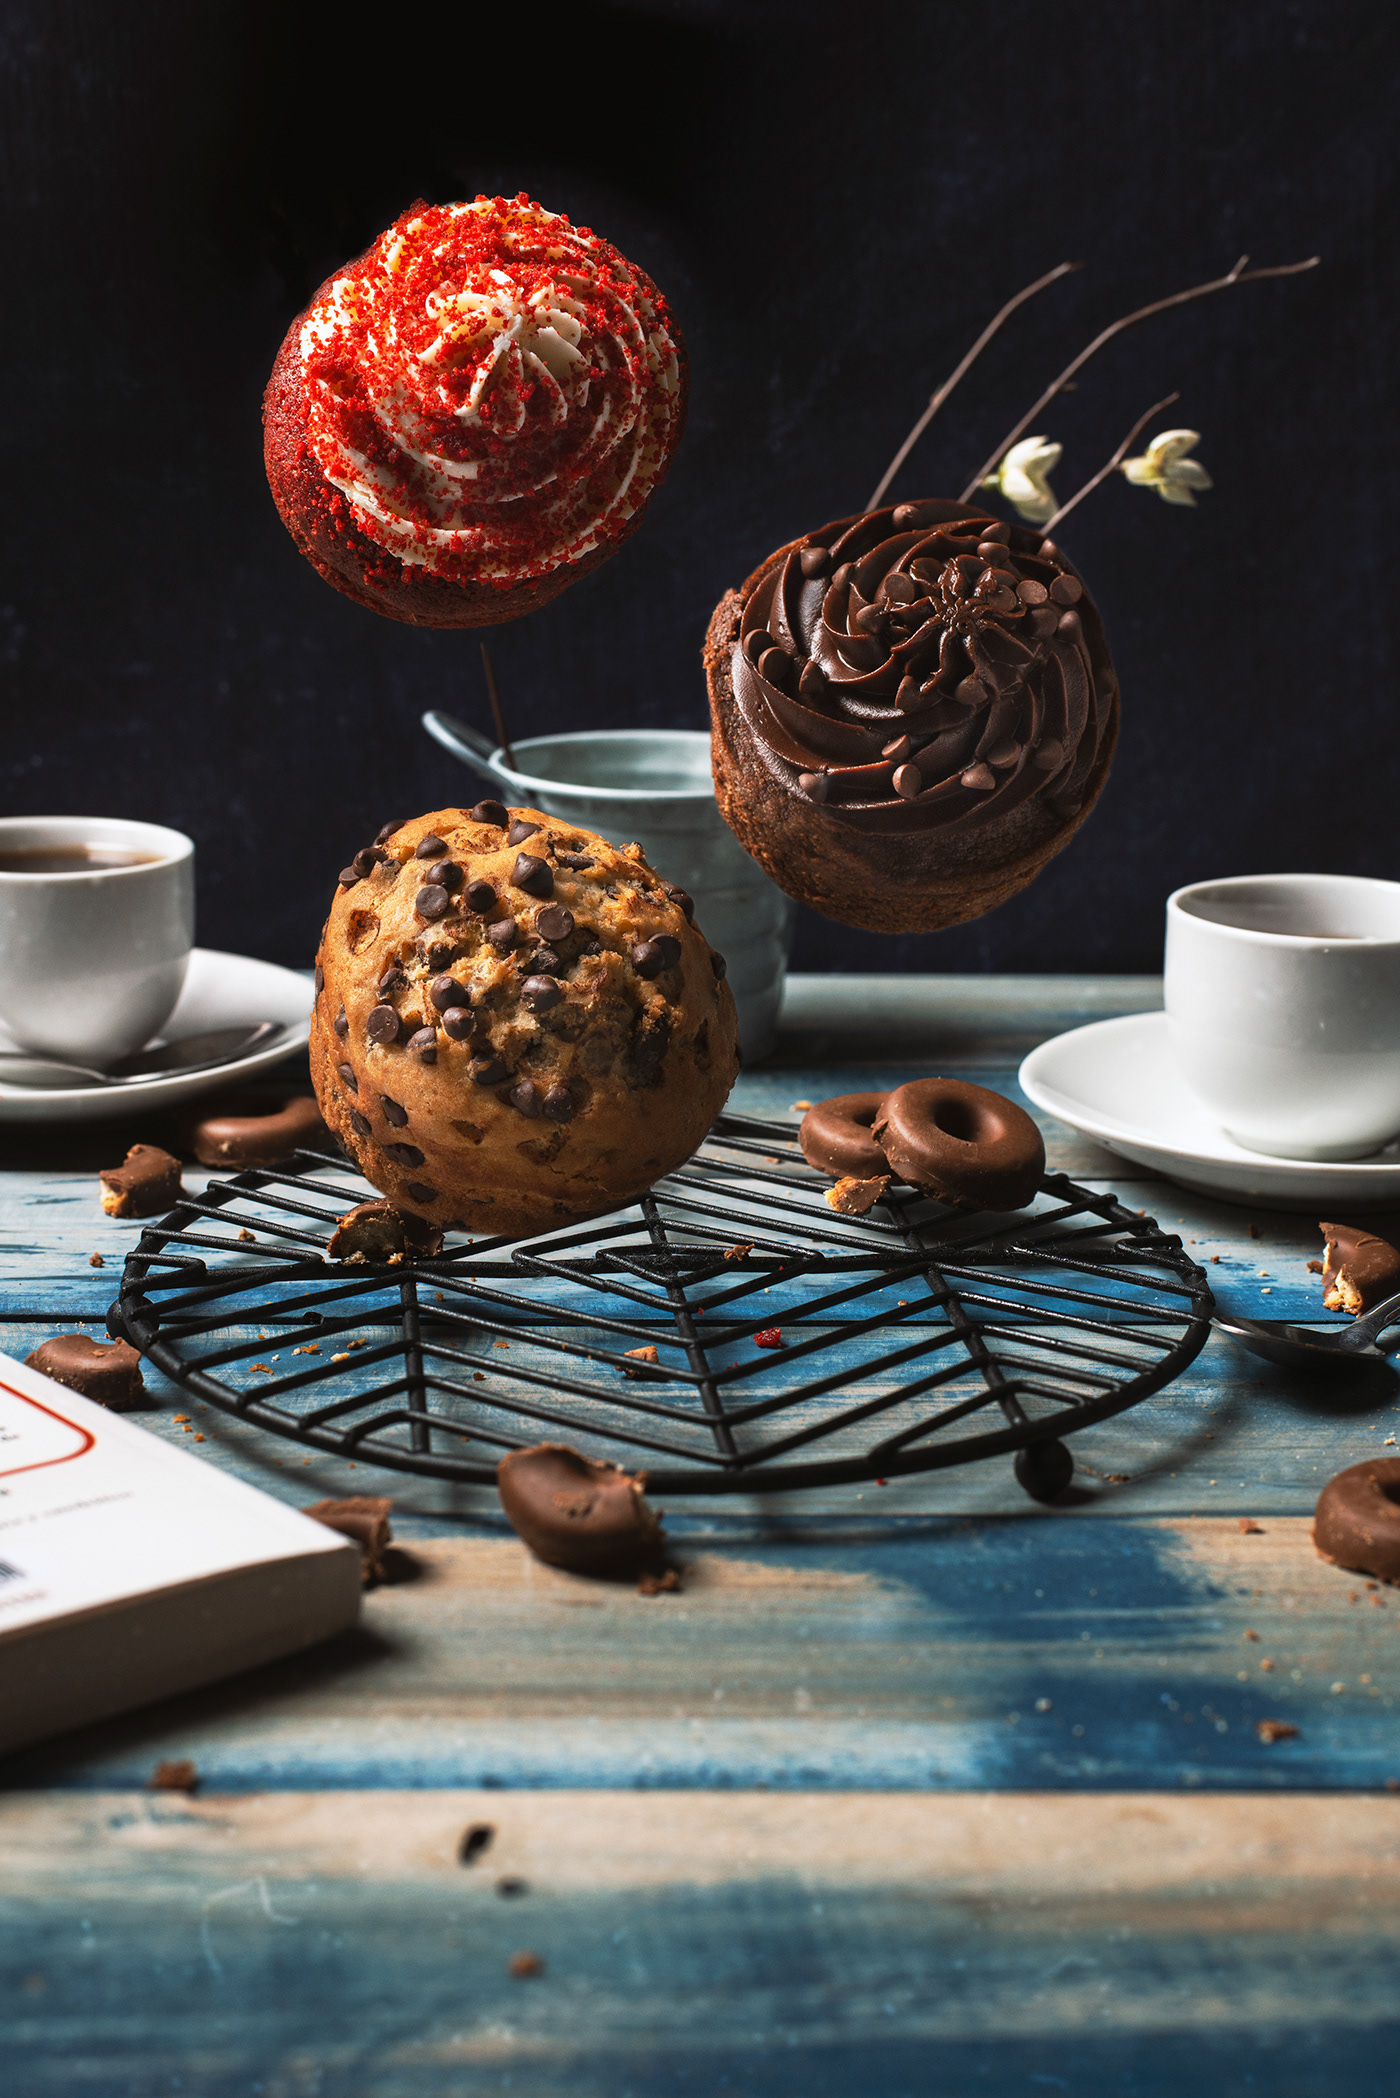 Dulces y chocolate / фотограф Cindy Fernandez